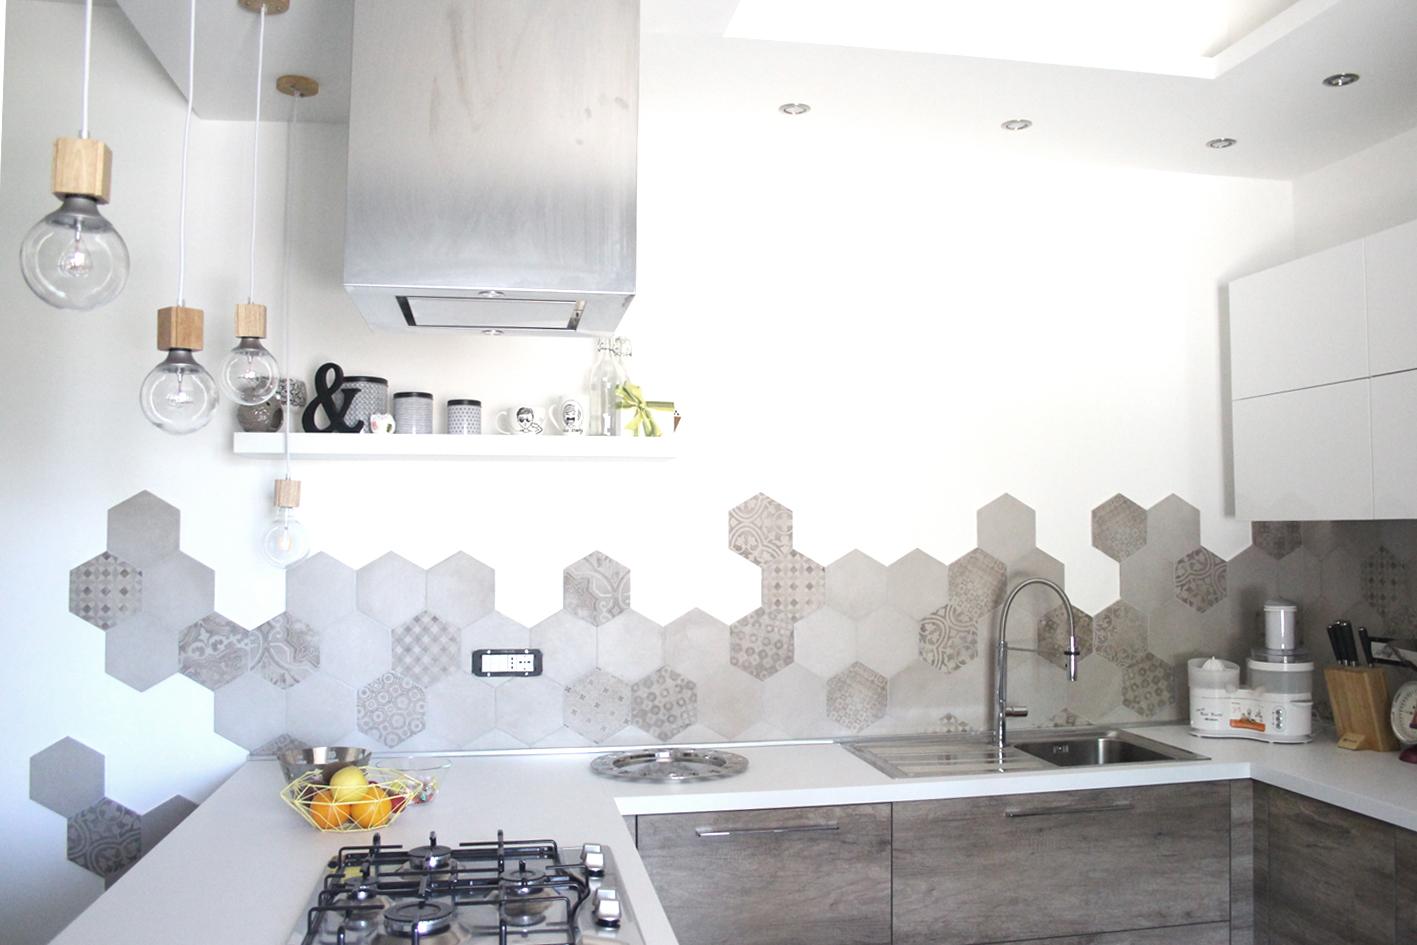 Cementine rewind protagoniste di una cucina a latina ragno